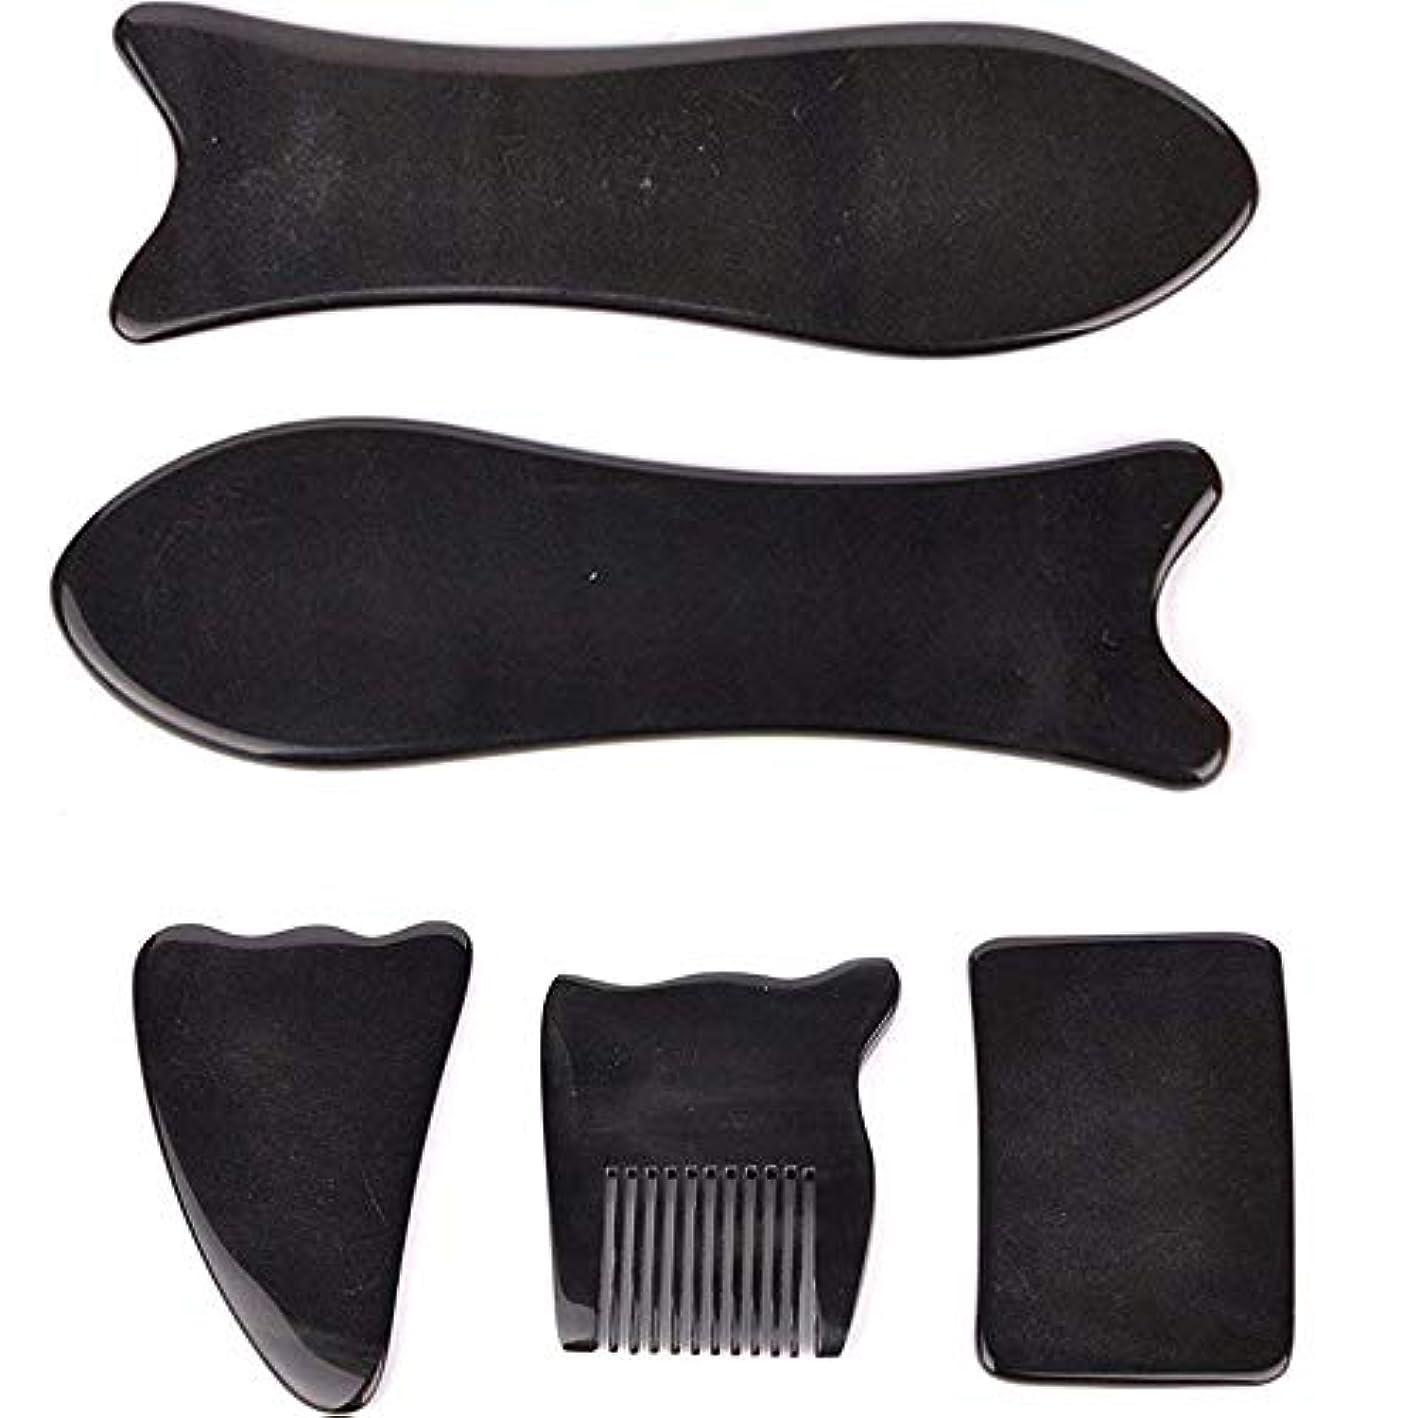 最愛の博物館ねばねばEcho & Kern 5点セット中国伝統かっさ美容マッサージ板 水牛角かっさプレートBLACK OX HORN 5 PCS optik Natural Water Buffalo Horn Gua Sha Board-Reduce...